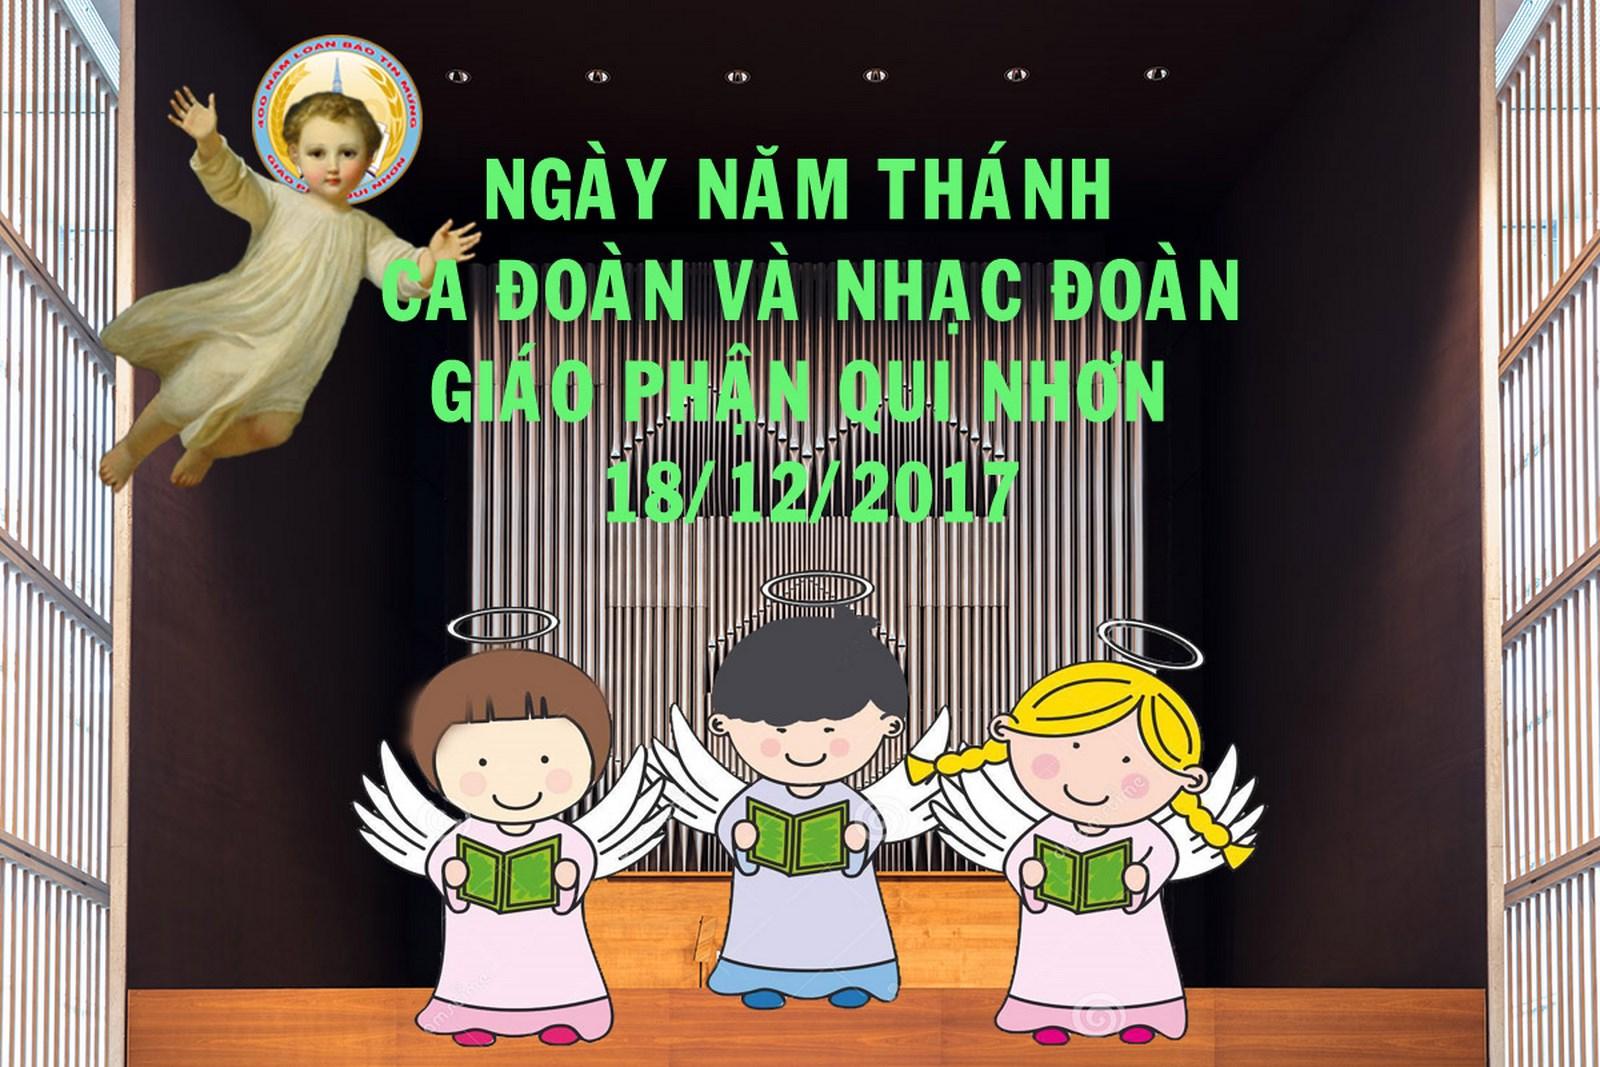 Ngày năm thánh cho các ca đoàn và nhạc đoàn